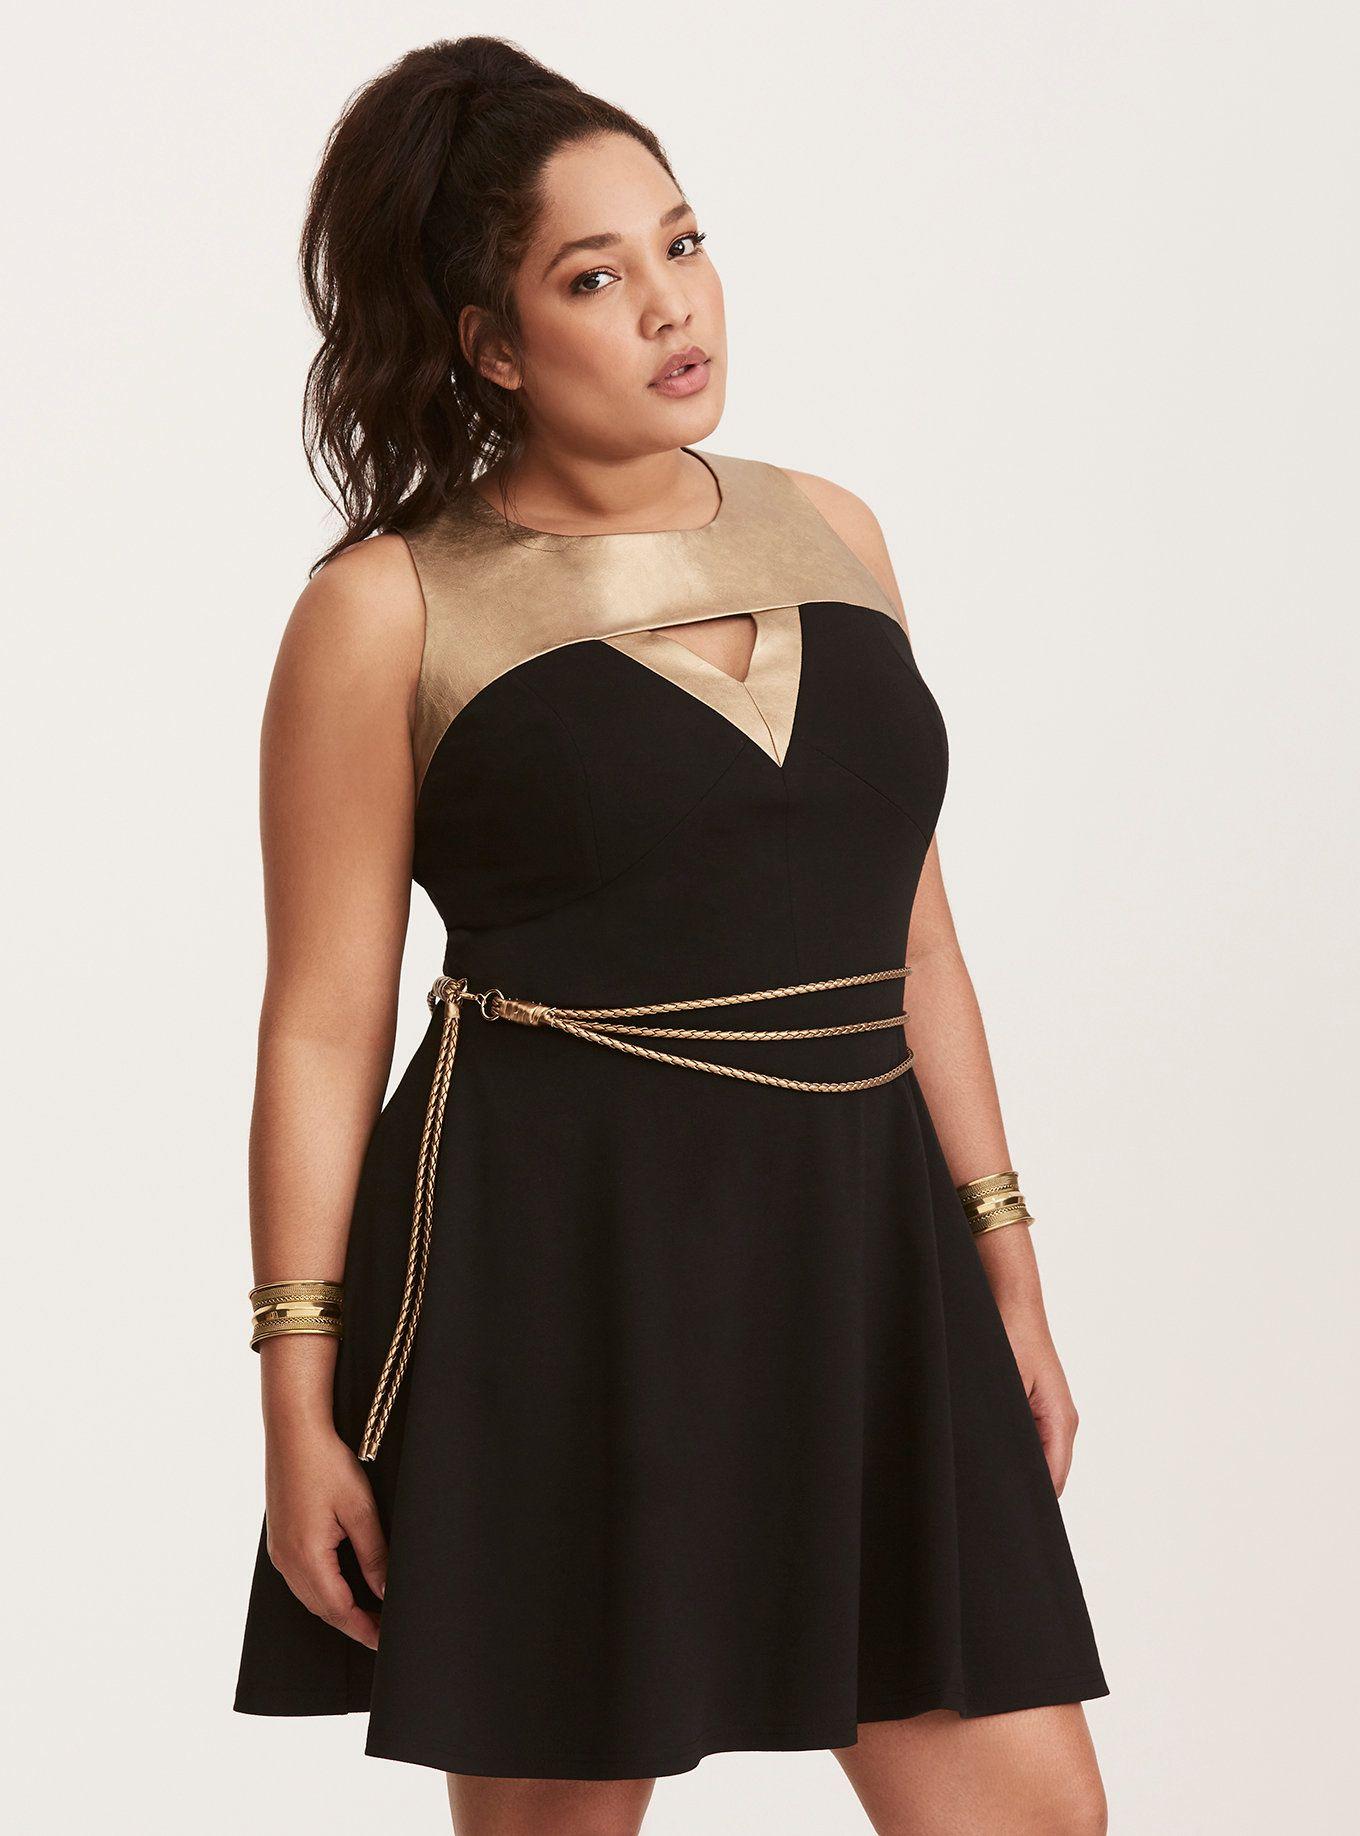 Dress size 24 torrid dress 24 torrid black and white draped v neck - Her Universe Wonder Woman Lasso Skater Dress Torrid